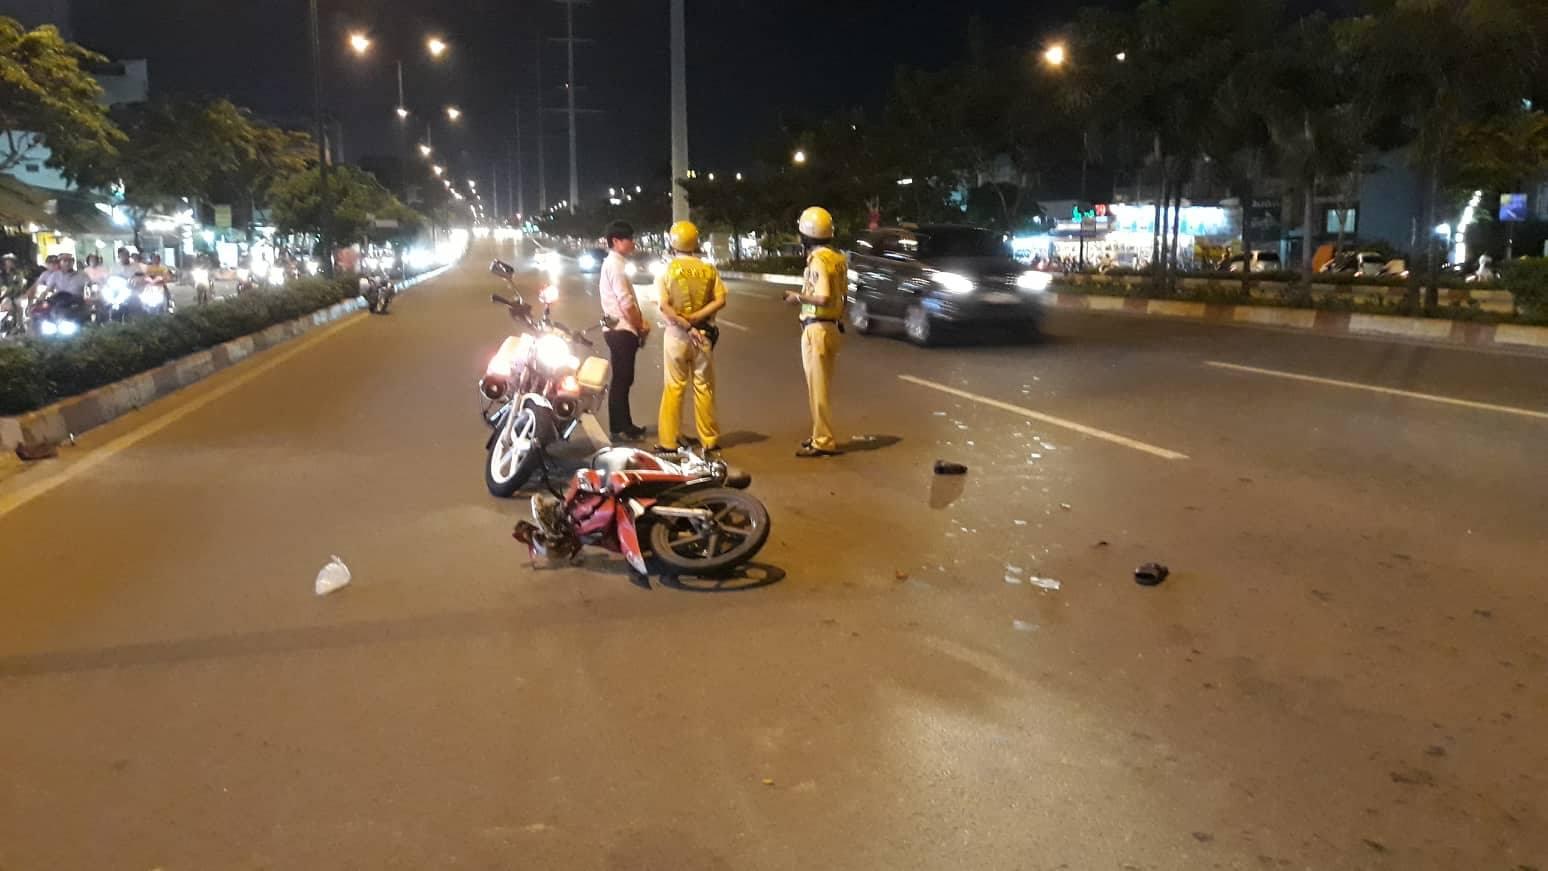 CSGT bị thanh niên đi xe máy tông, kéo lê trên đại lộ ở Sài Gòn - 1